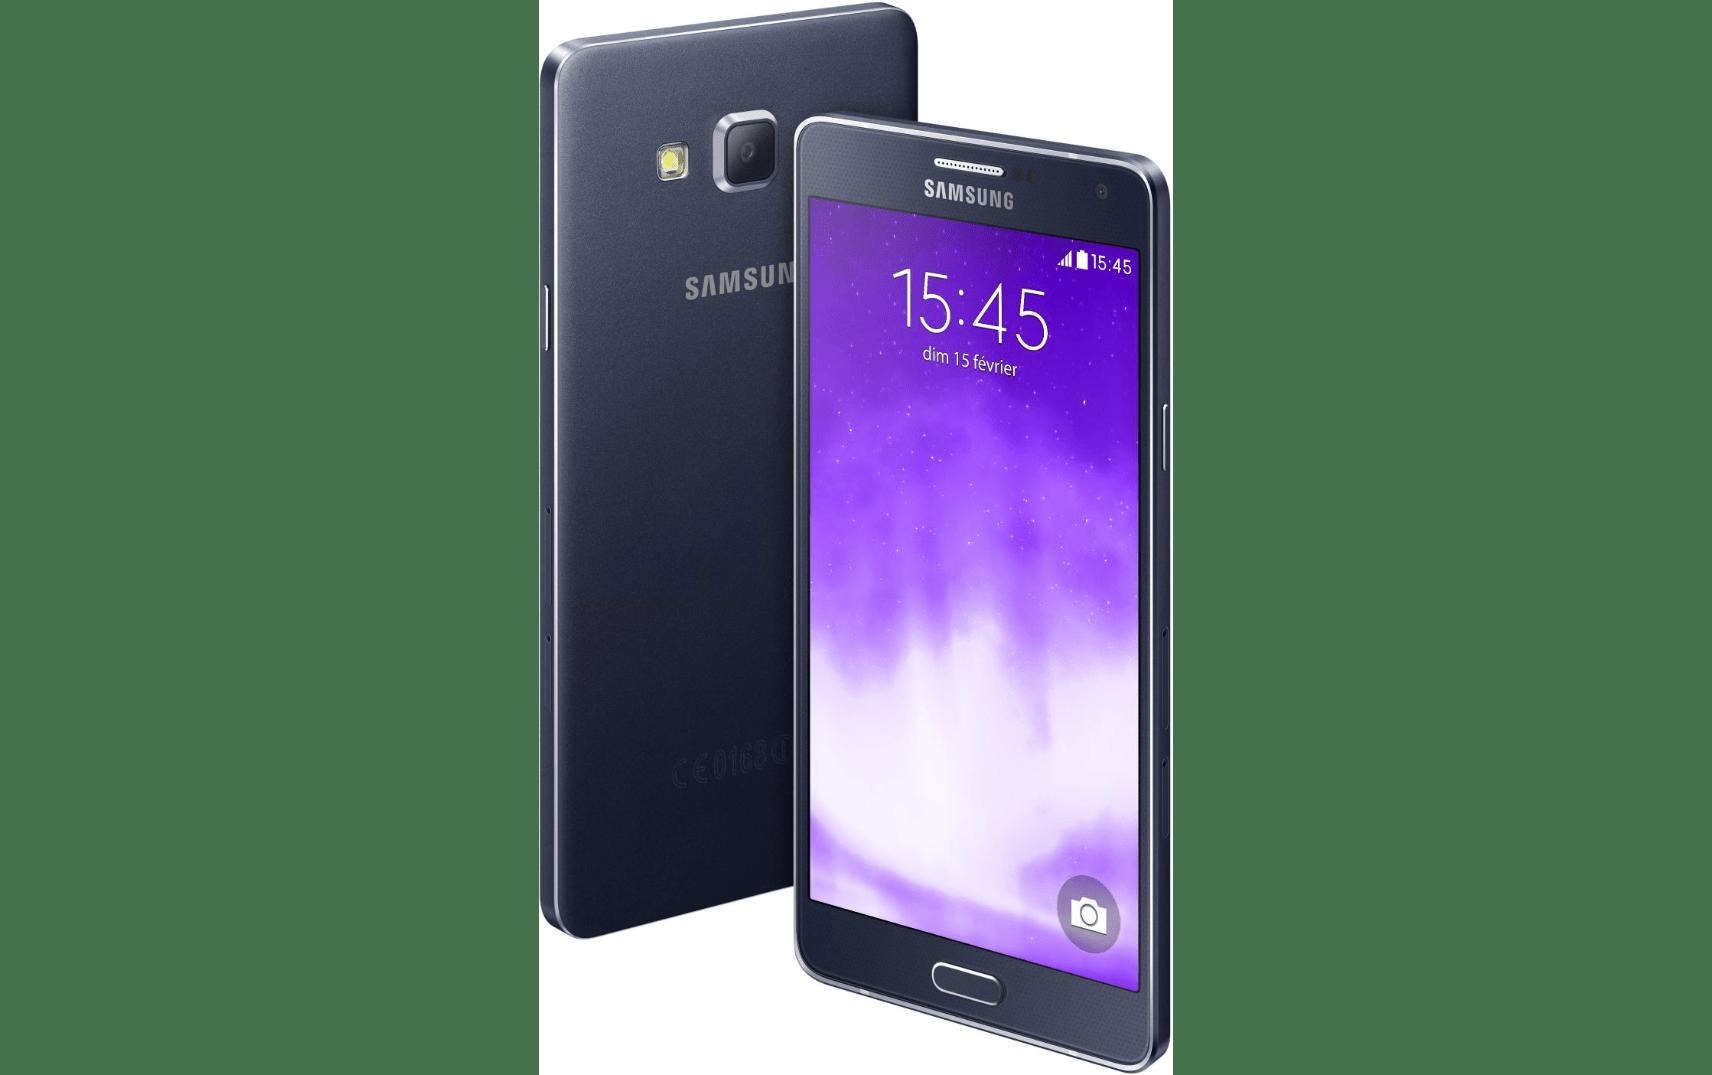 Les nouveaux GalaxyA3 et A7 pris en flagrant délit de benchmarks sur GFX Bench